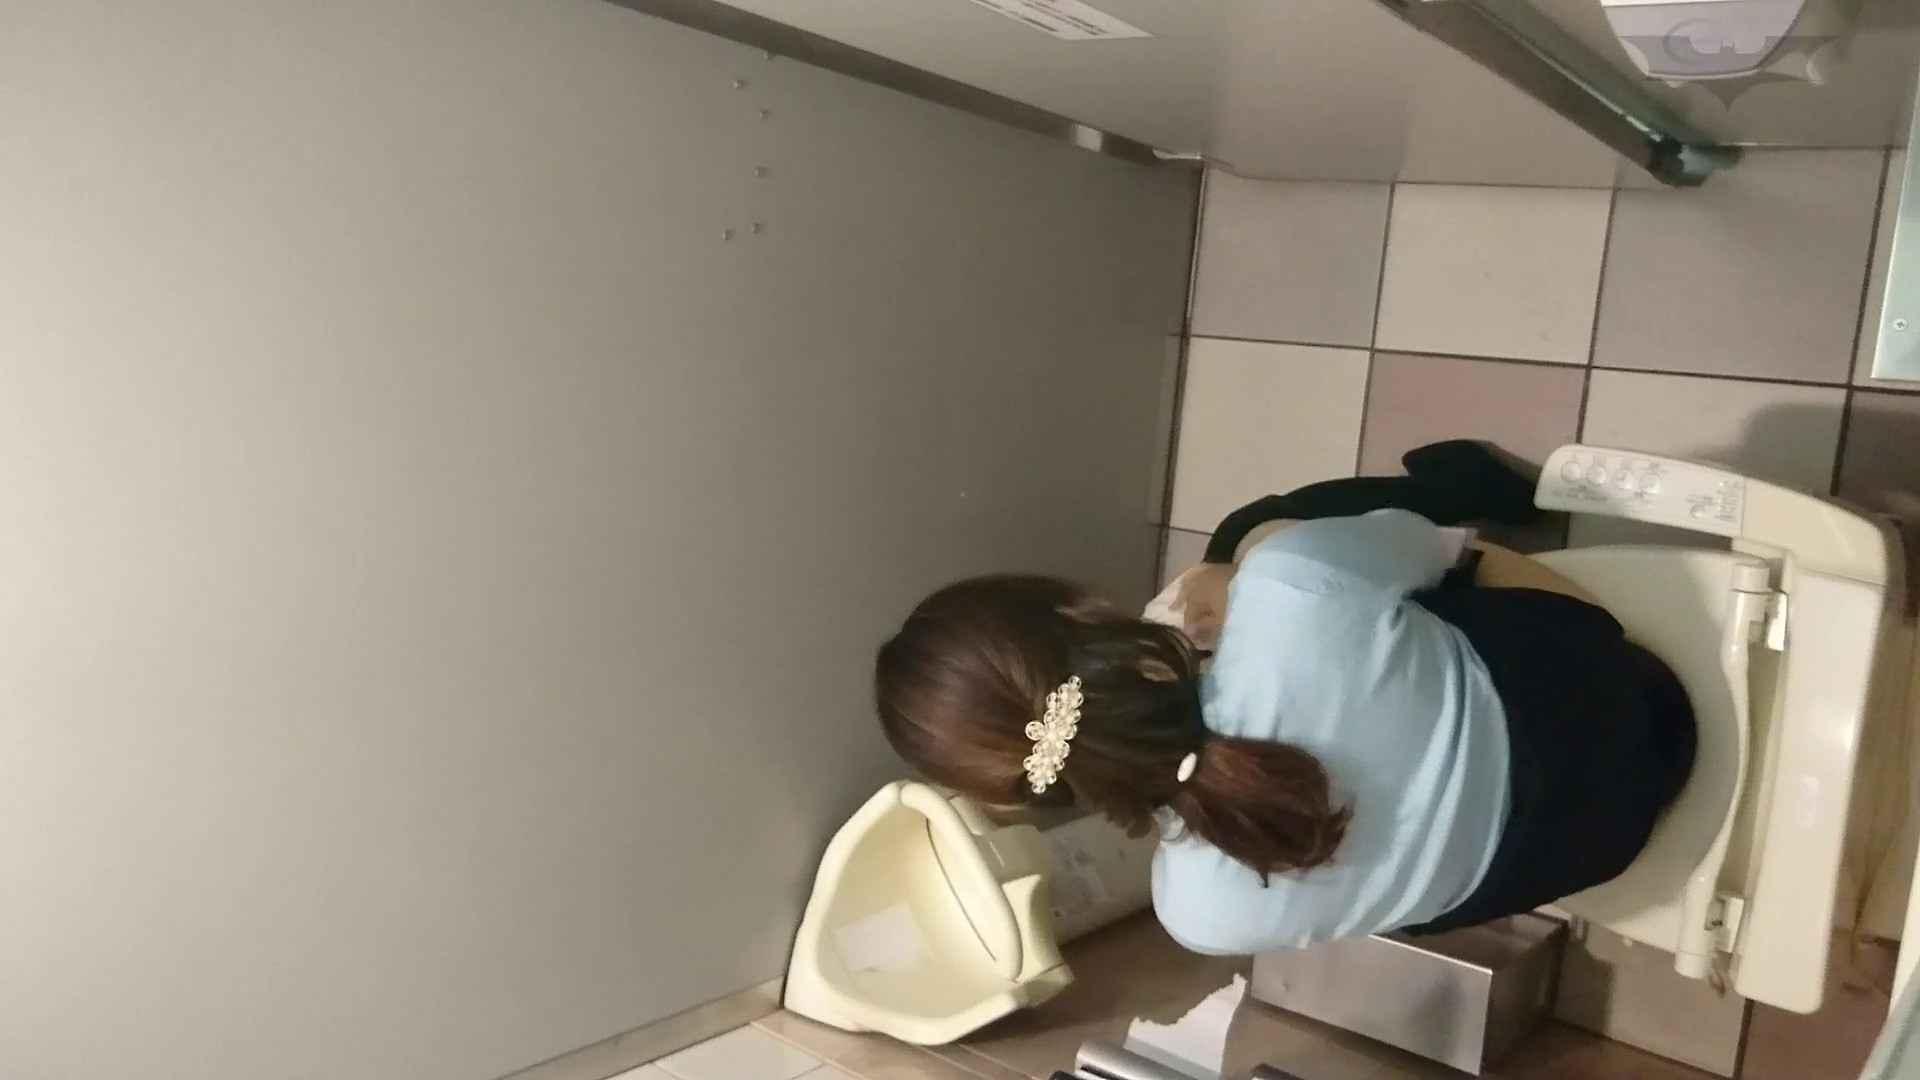 化粧室絵巻 ショッピングモール編 VOL.13 OL   0  68連発 34